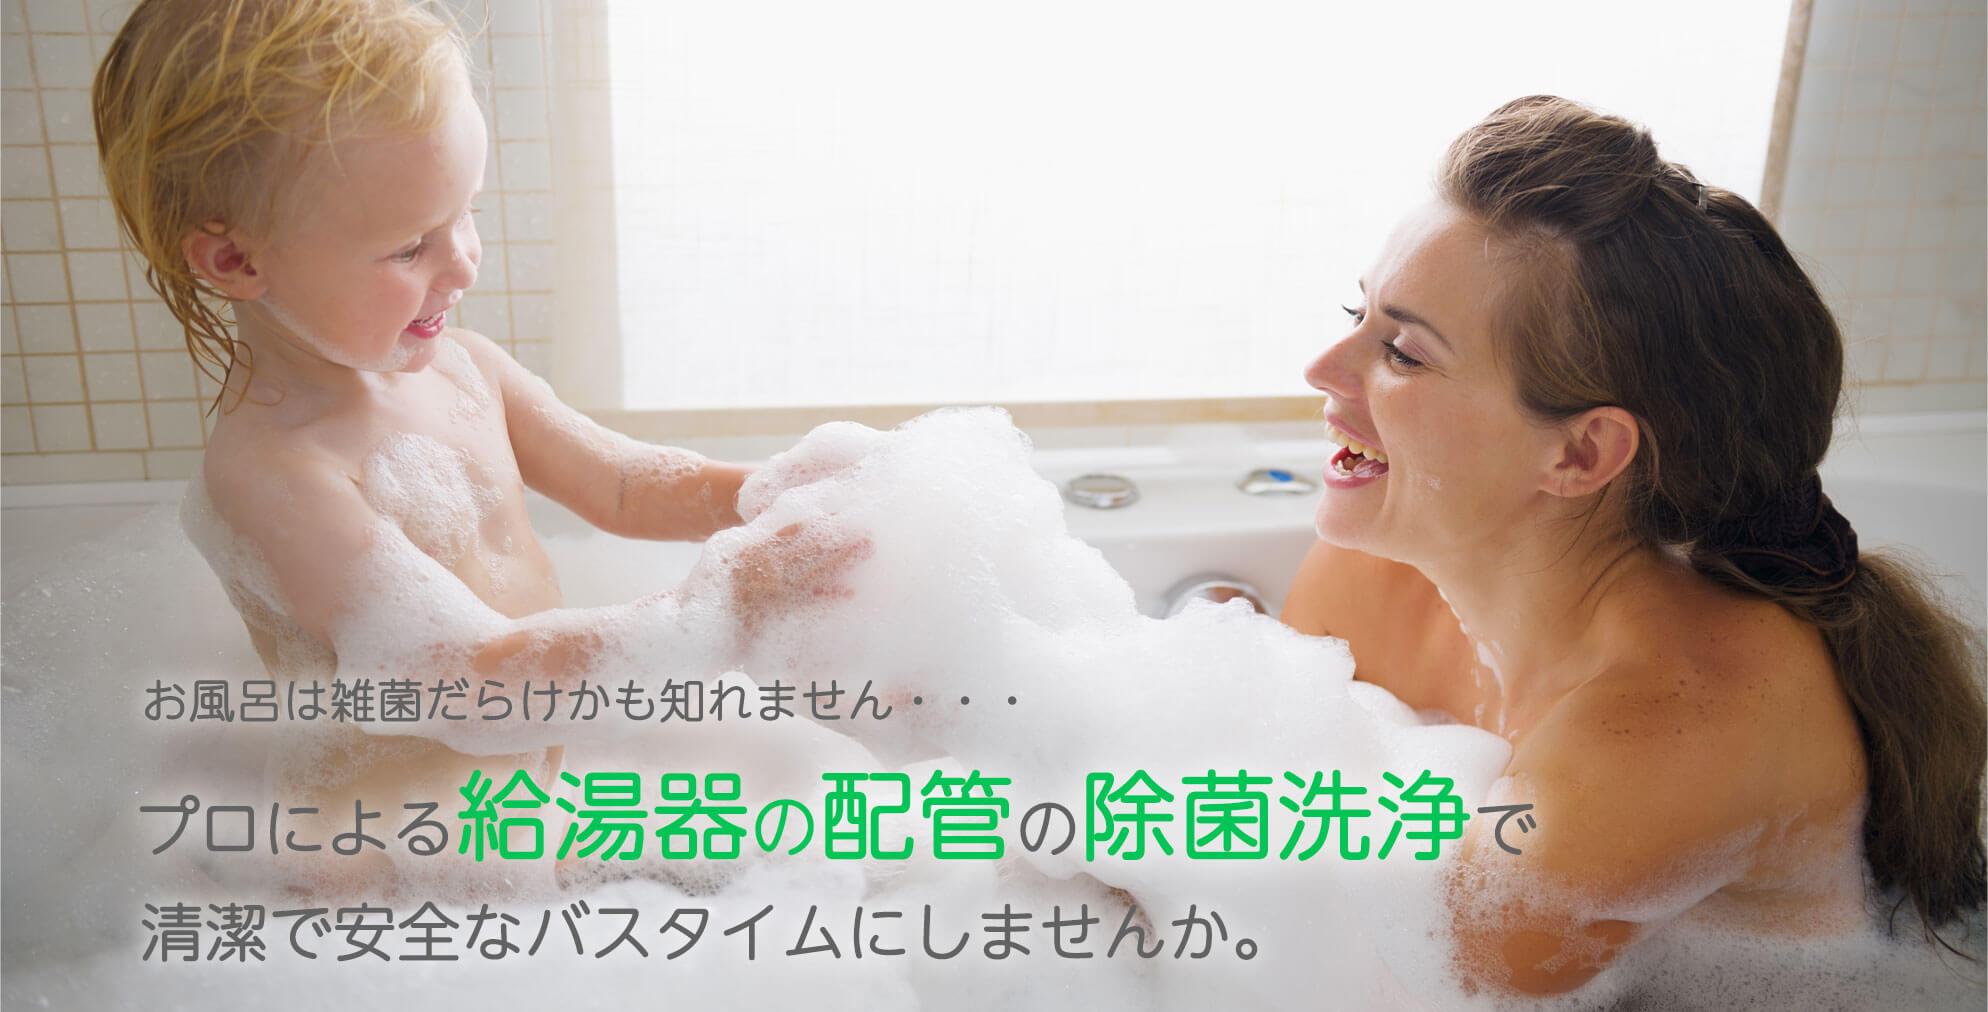 風呂釜の掃除洗浄ならクリーンラボ